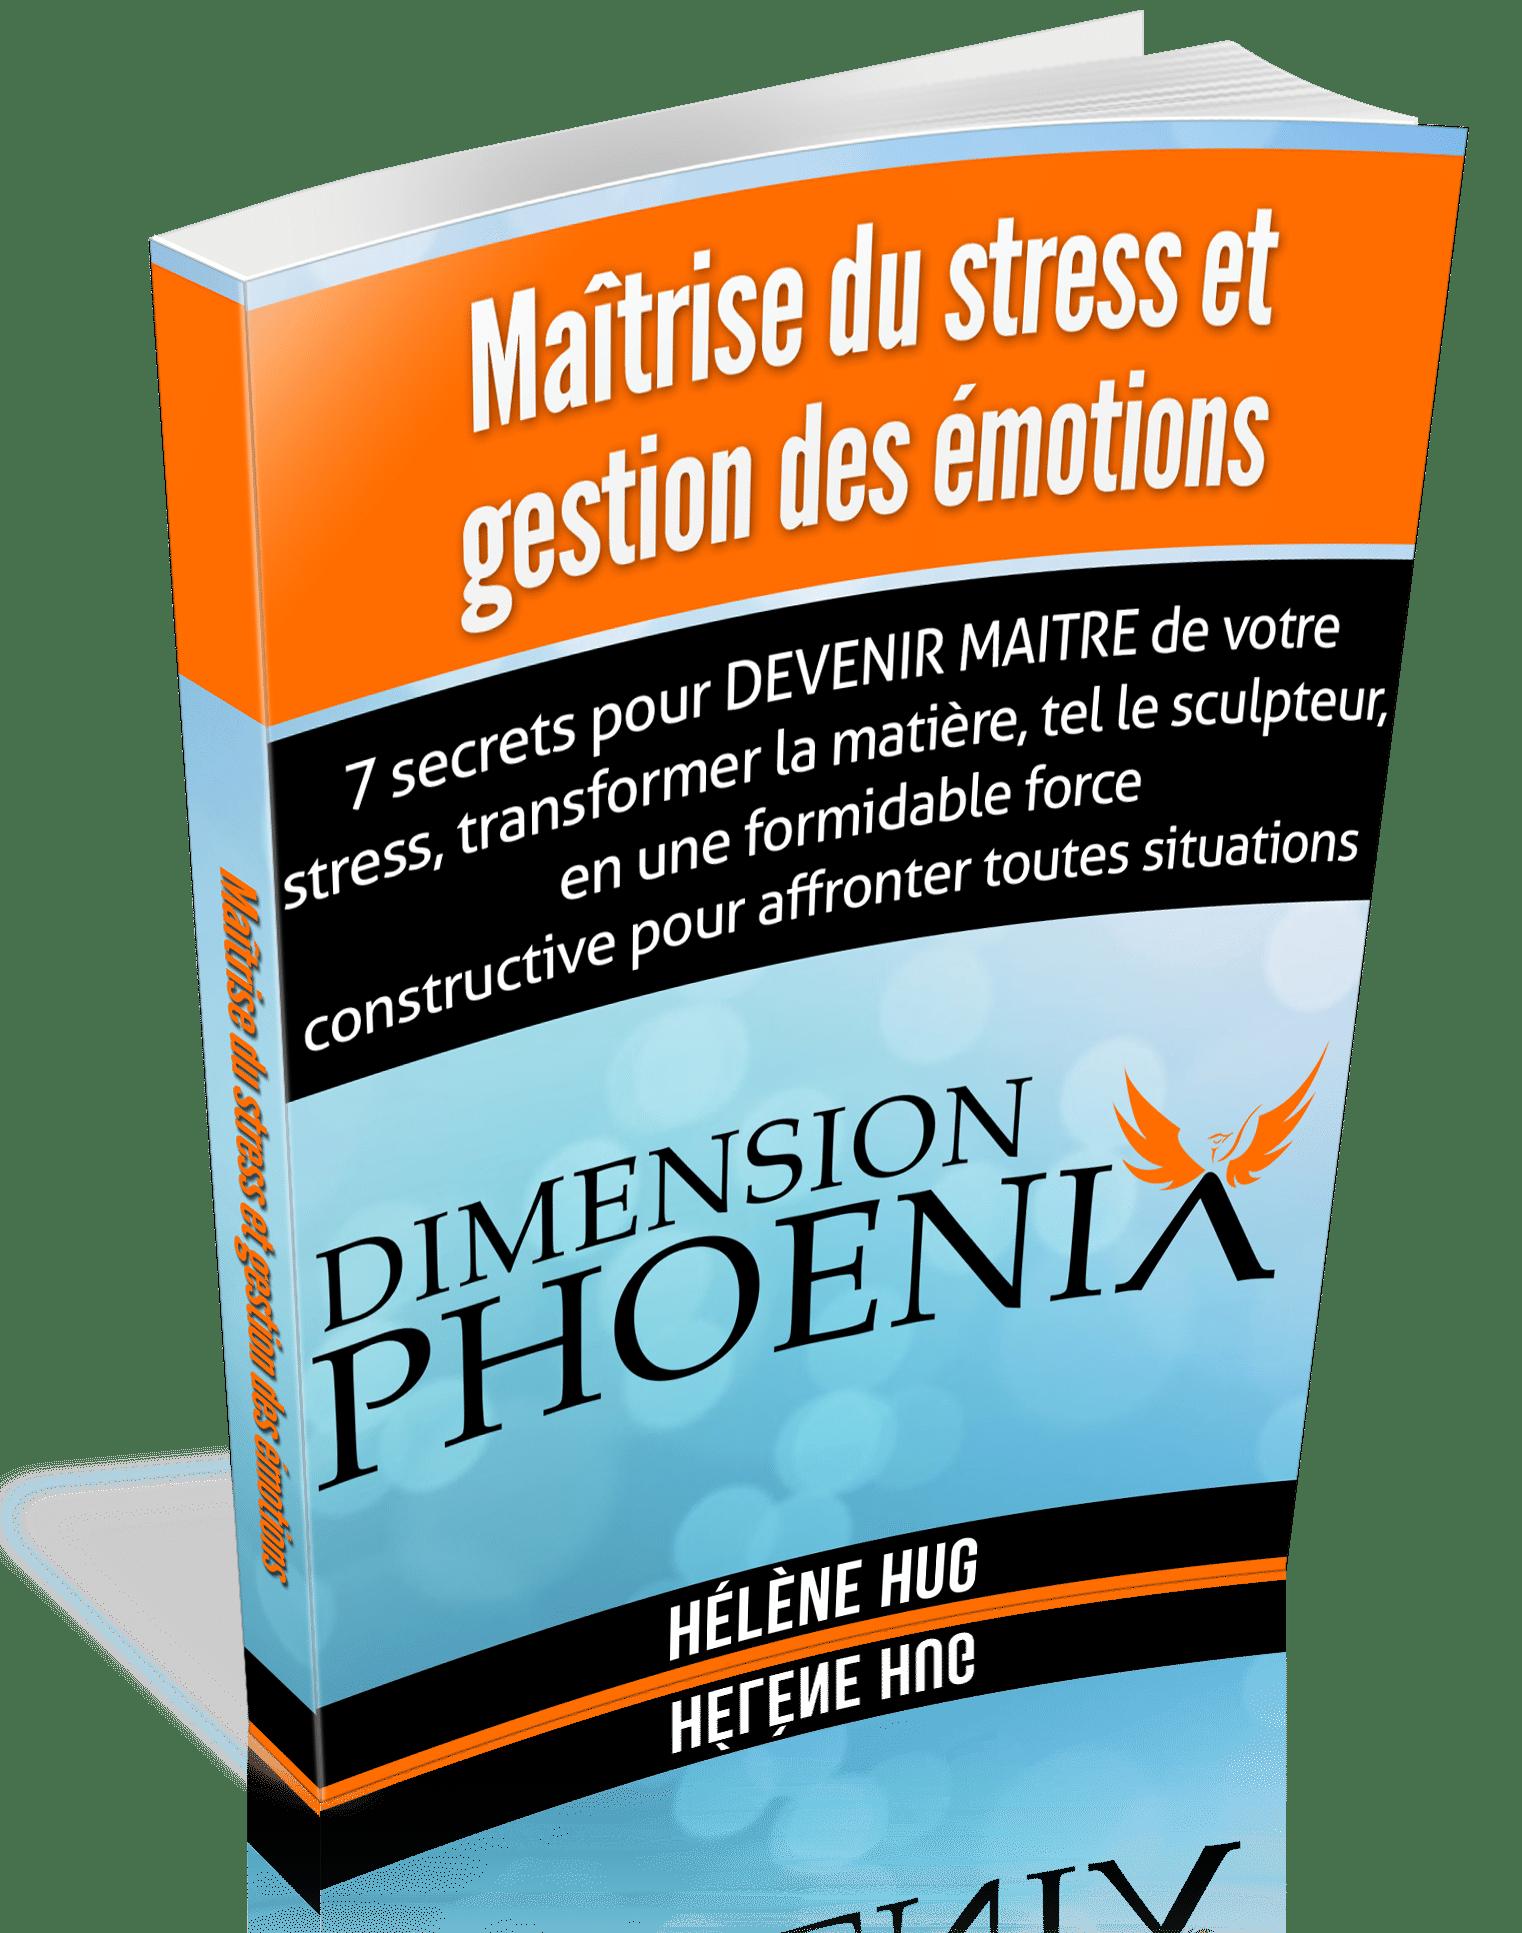 Maitrise du stress et gestion ds émotions